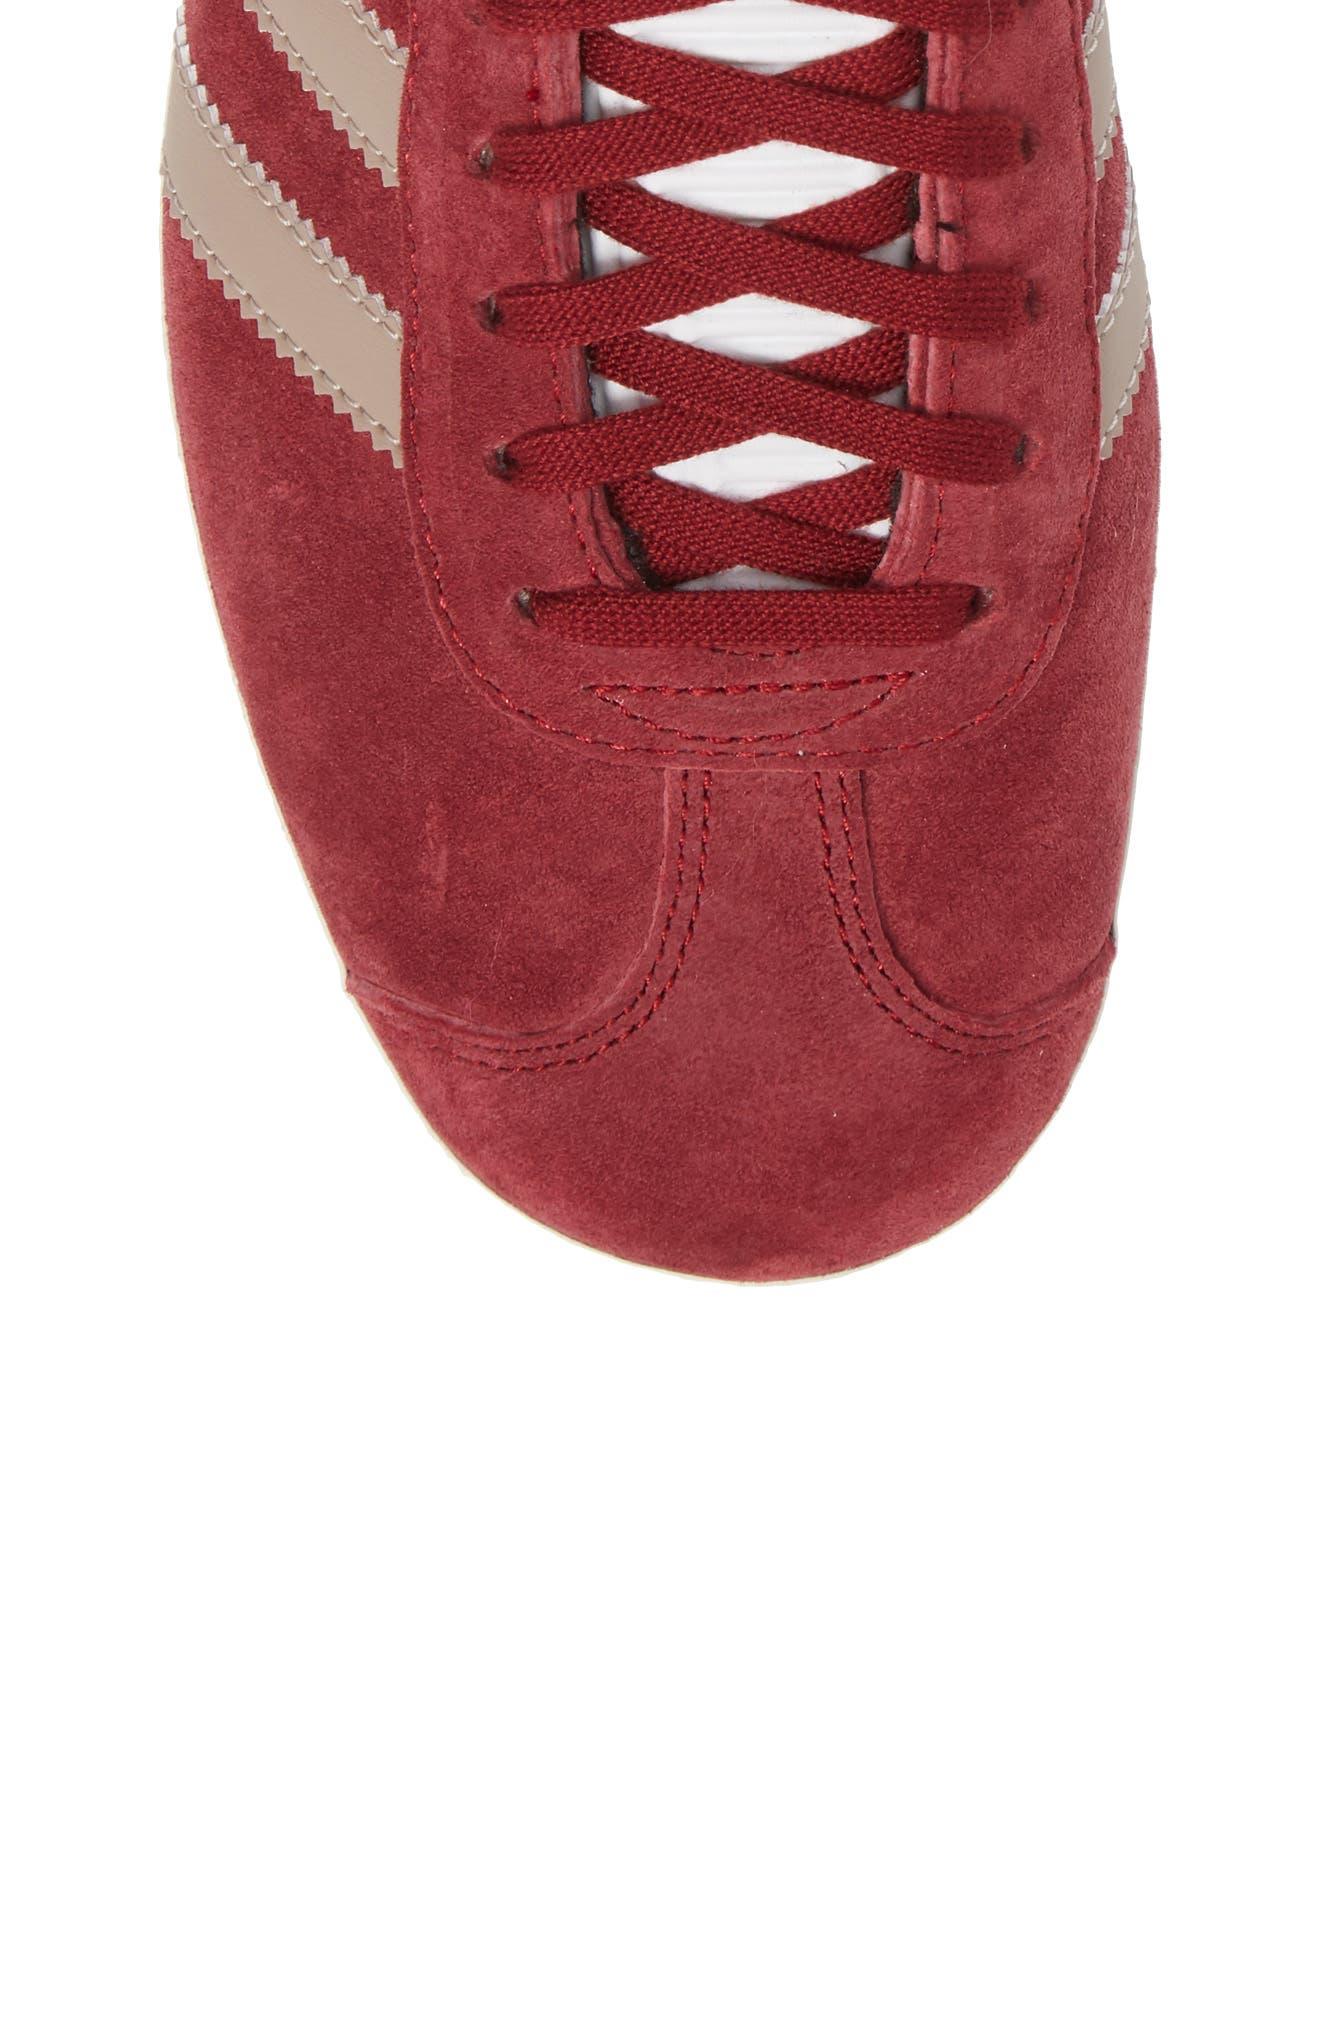 Gazelle Sneaker,                             Alternate thumbnail 5, color,                             Burgundy/ Vapour Grey/ White